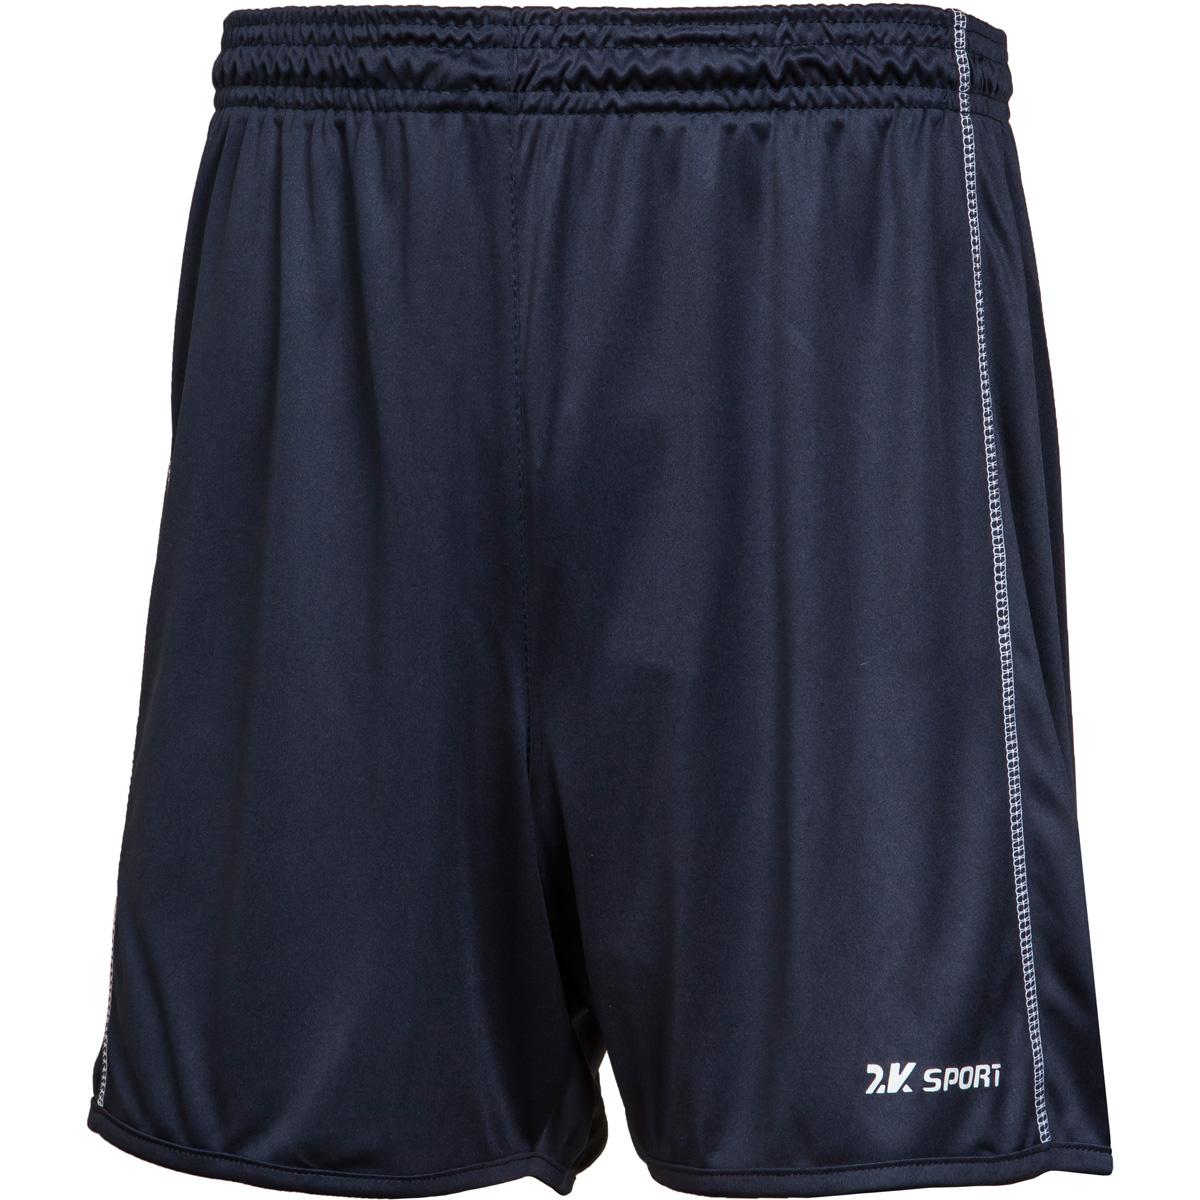 Шорты волейбольные мужские 2K Sport Energy, цвет: темно-синий. 140041. Размер S (46)140041_navyВолейбольные шорты с контрастными полосами по бокам. Изготовлены из ткани повышенной прочности, дополнены эластичным поясом со шнурками.